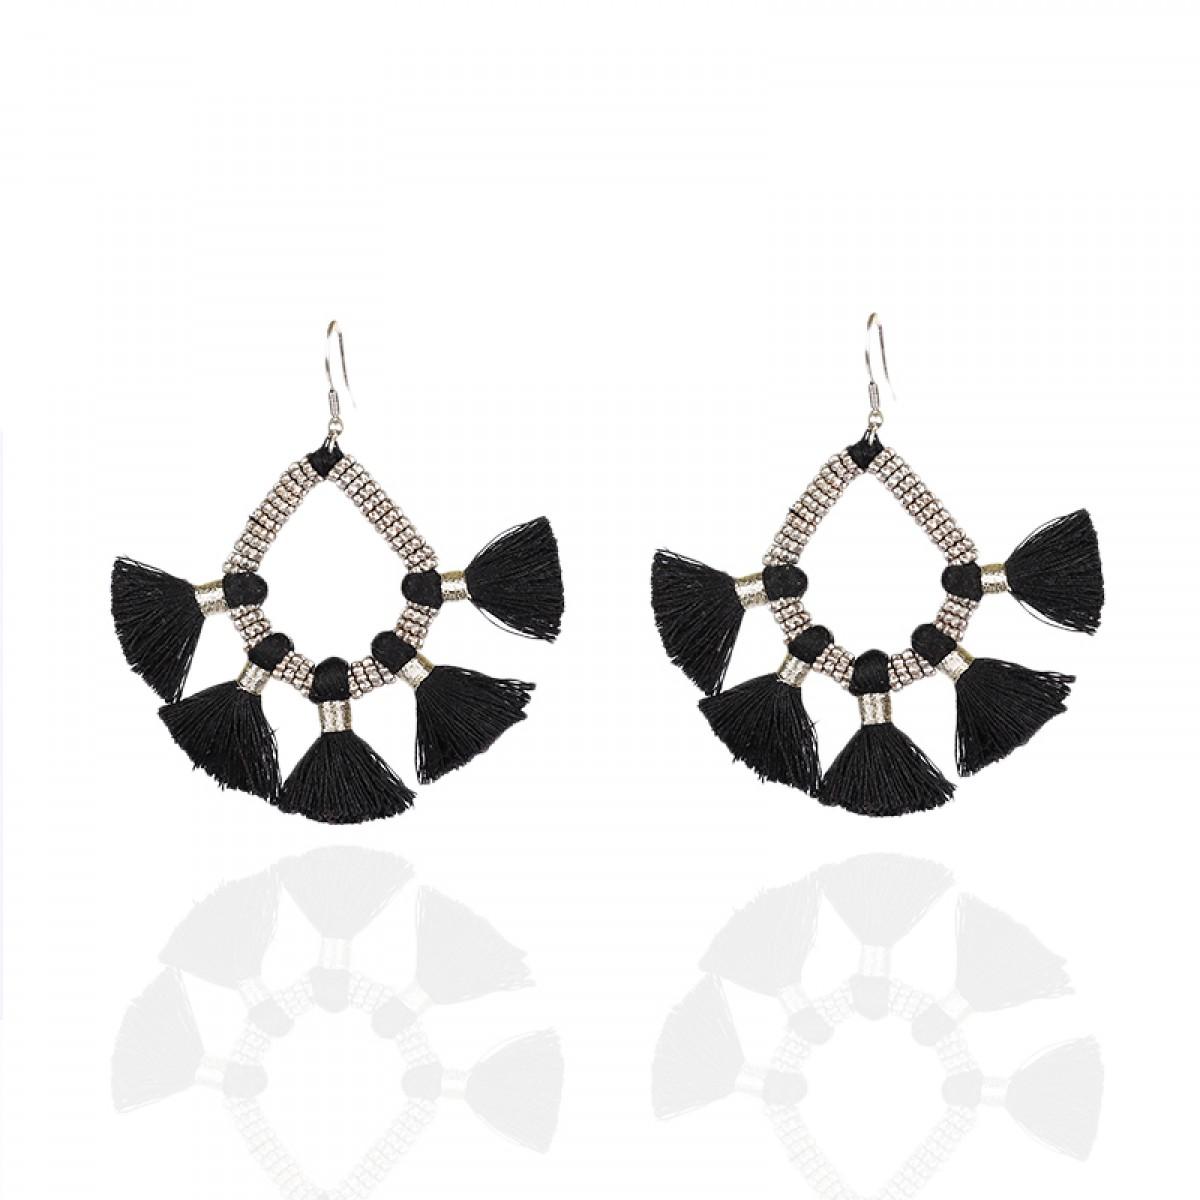 Bohemian Fashion Tassel Earrings - Black